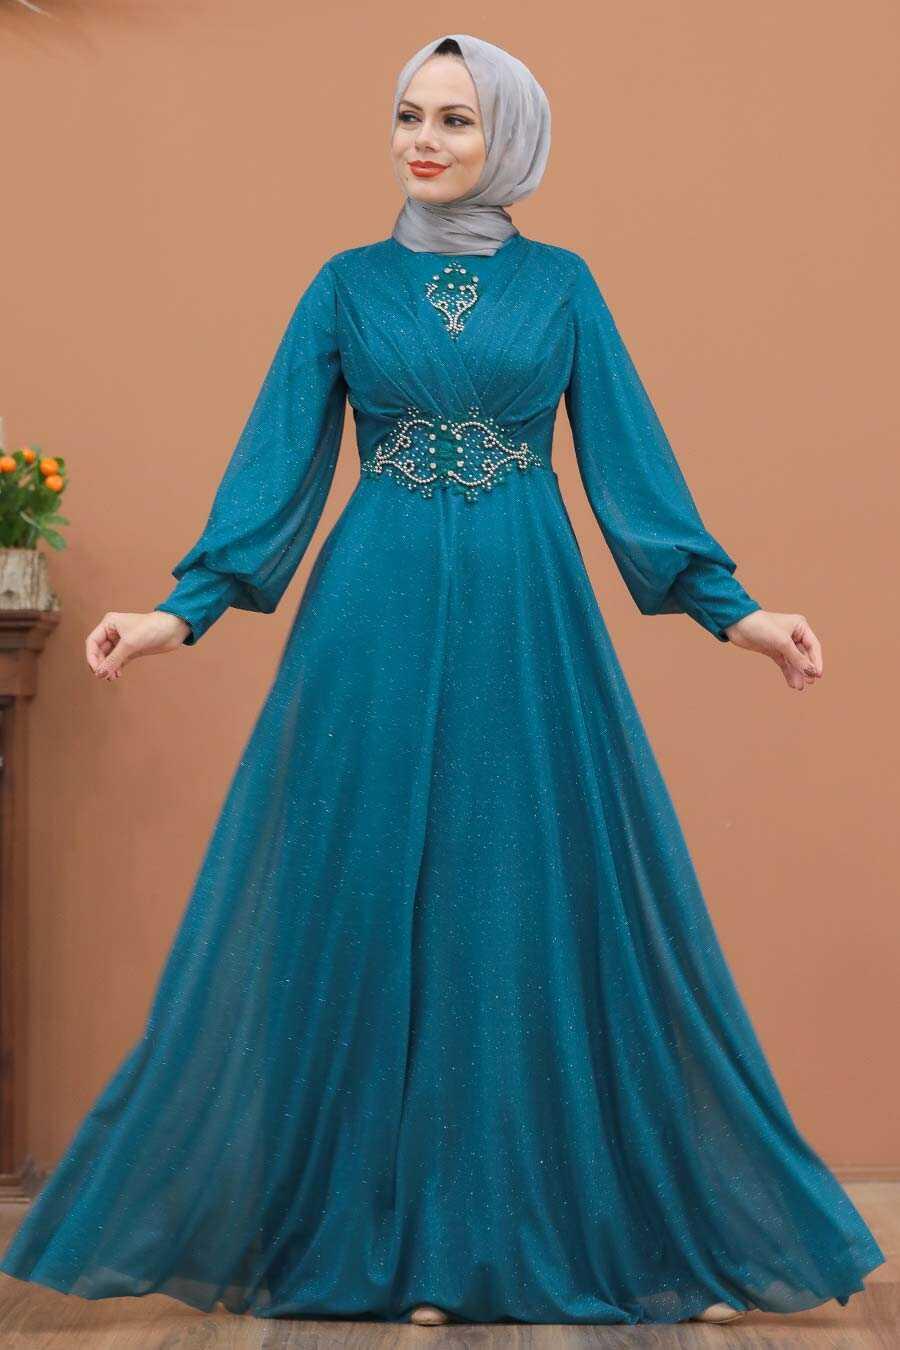 Petrol Blue Hijab Evening Dress 50151PM